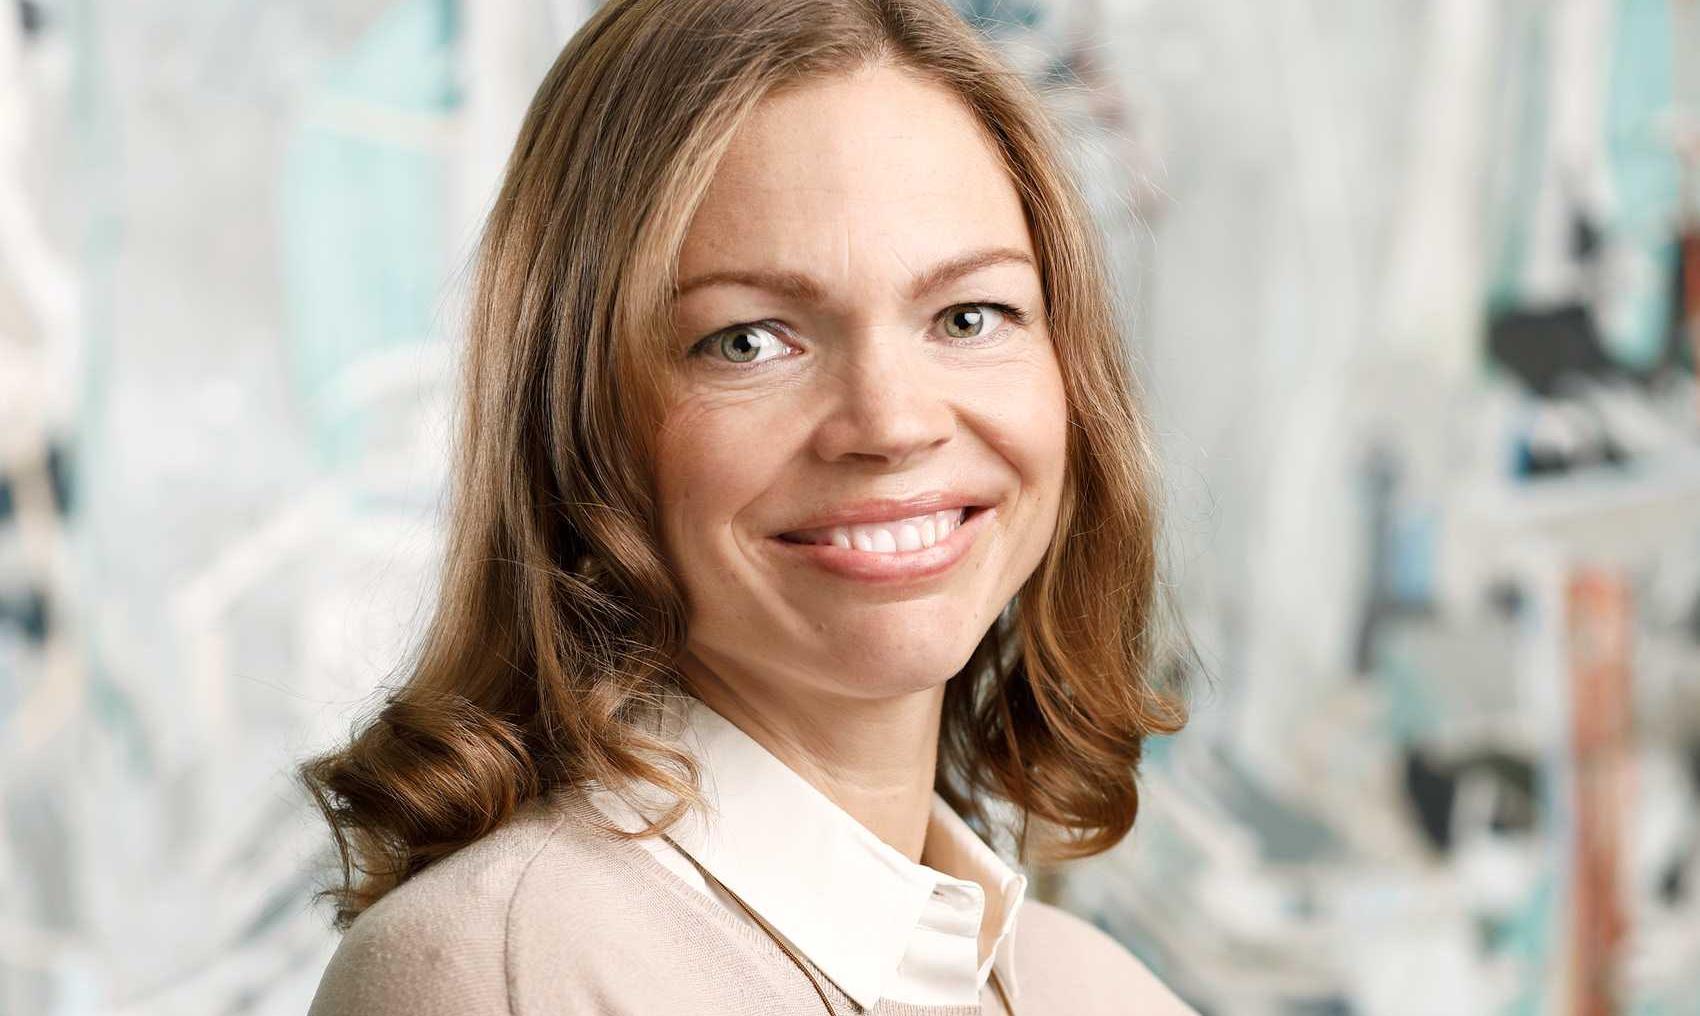 Veronica Arthurson är enhetschef för läkemedelssäkerhet vid Läkemedelsverket.